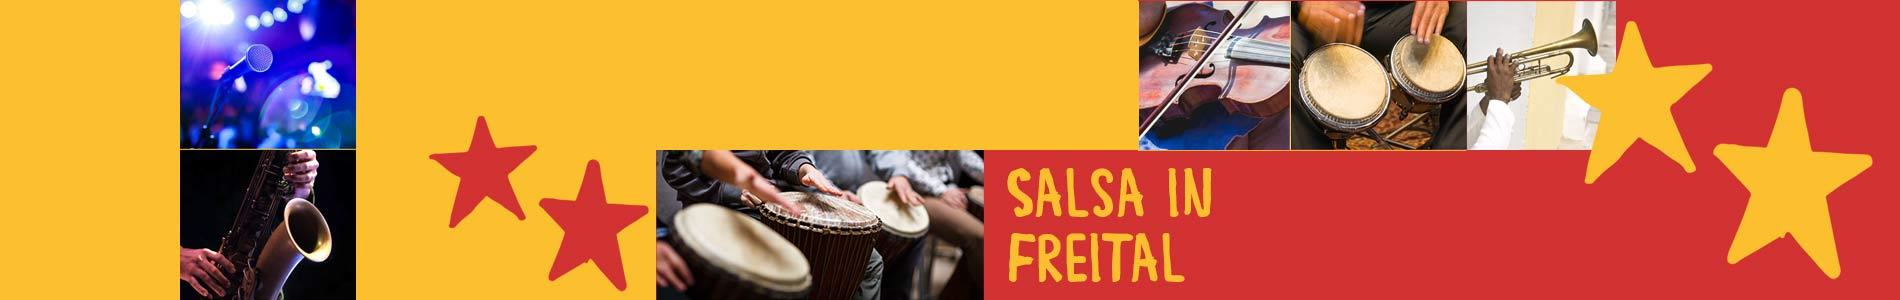 Salsa in Freital – Salsa lernen und tanzen, Tanzkurse, Partys, Veranstaltungen